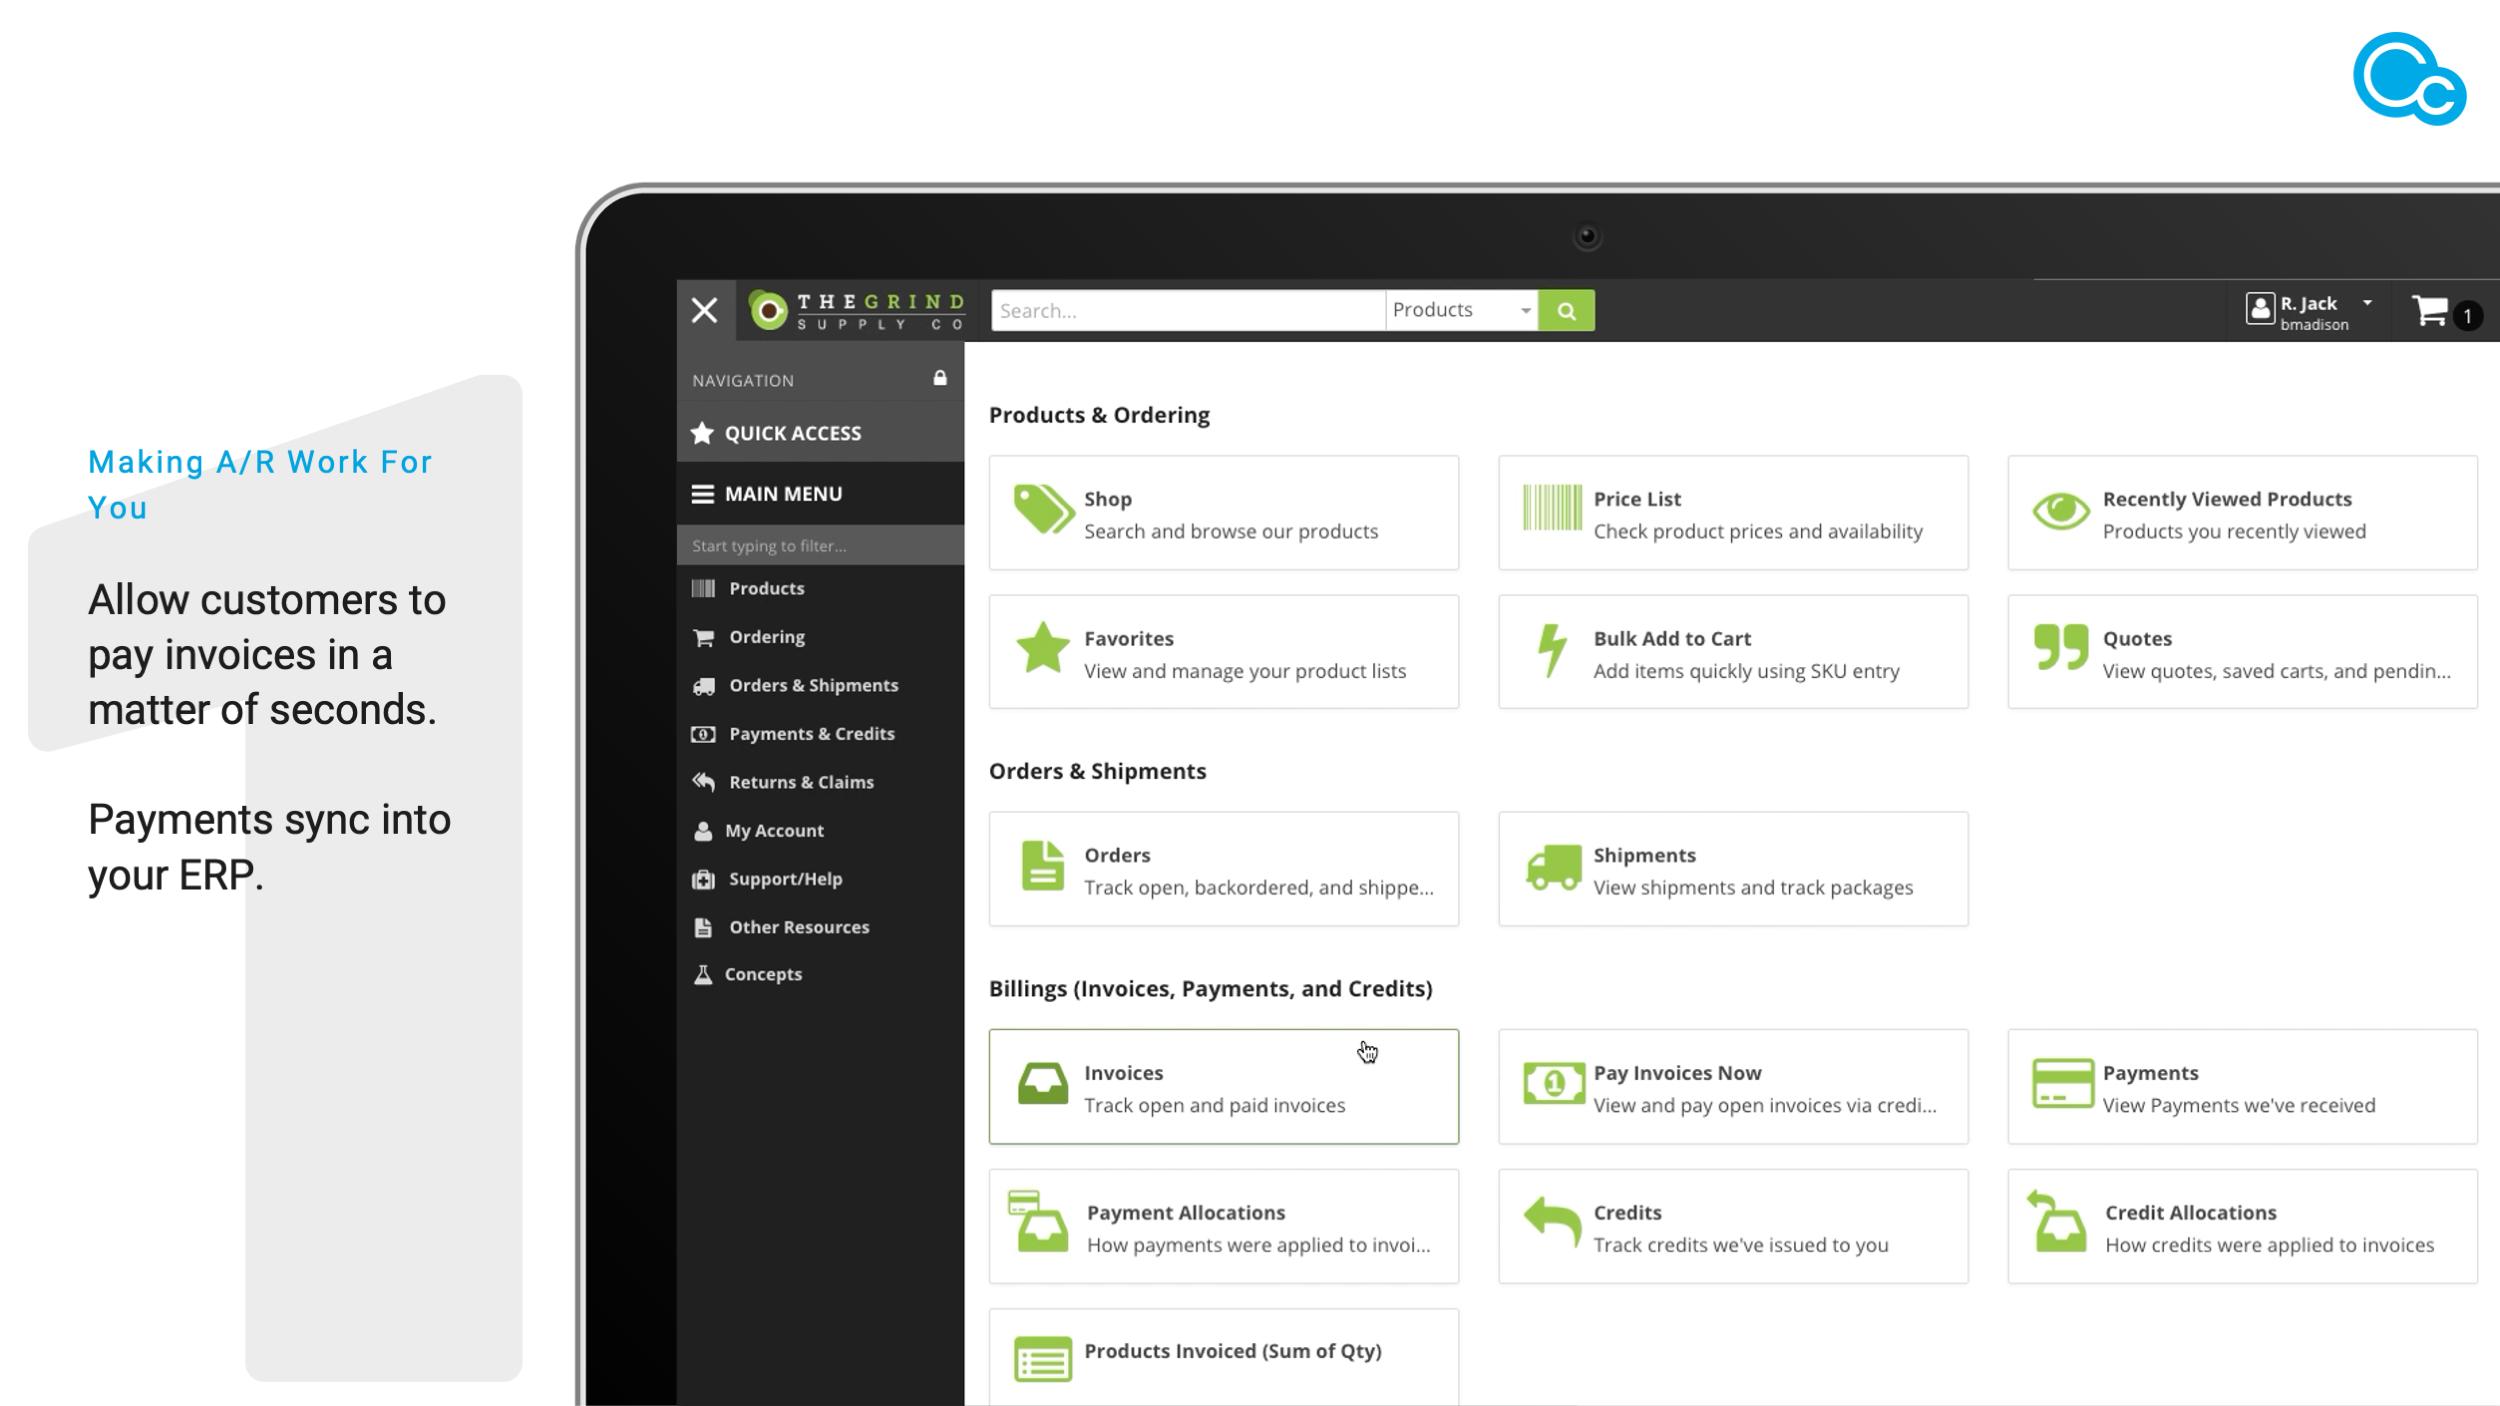 CIMcloud 2020: Better Manage Your Receivables Image